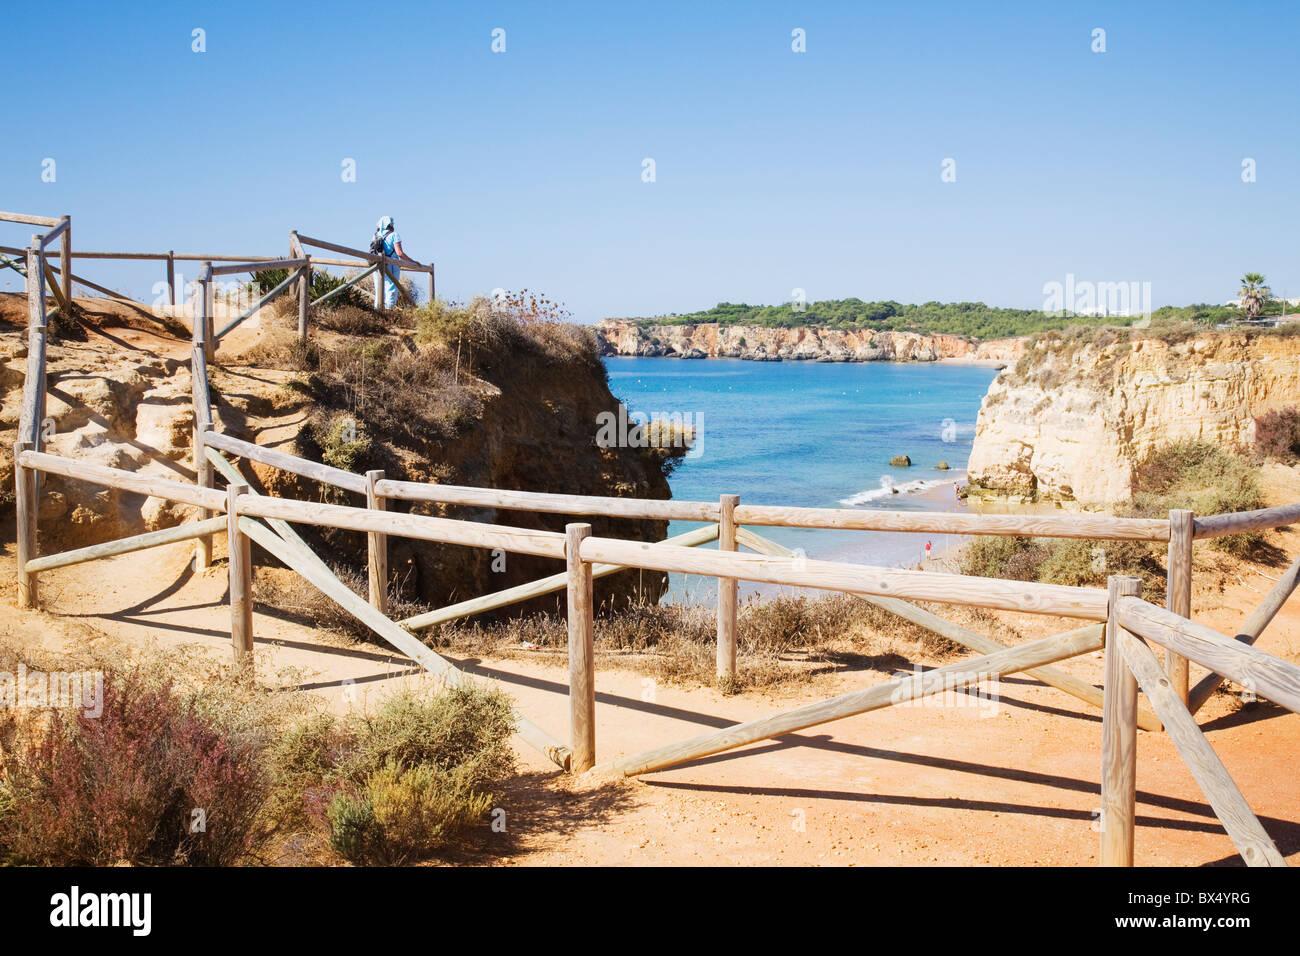 A cliff top pathway runs along the coast from 'Praia da Rocha' to 'Praia do Vau' in the Algarve, - Stock Image